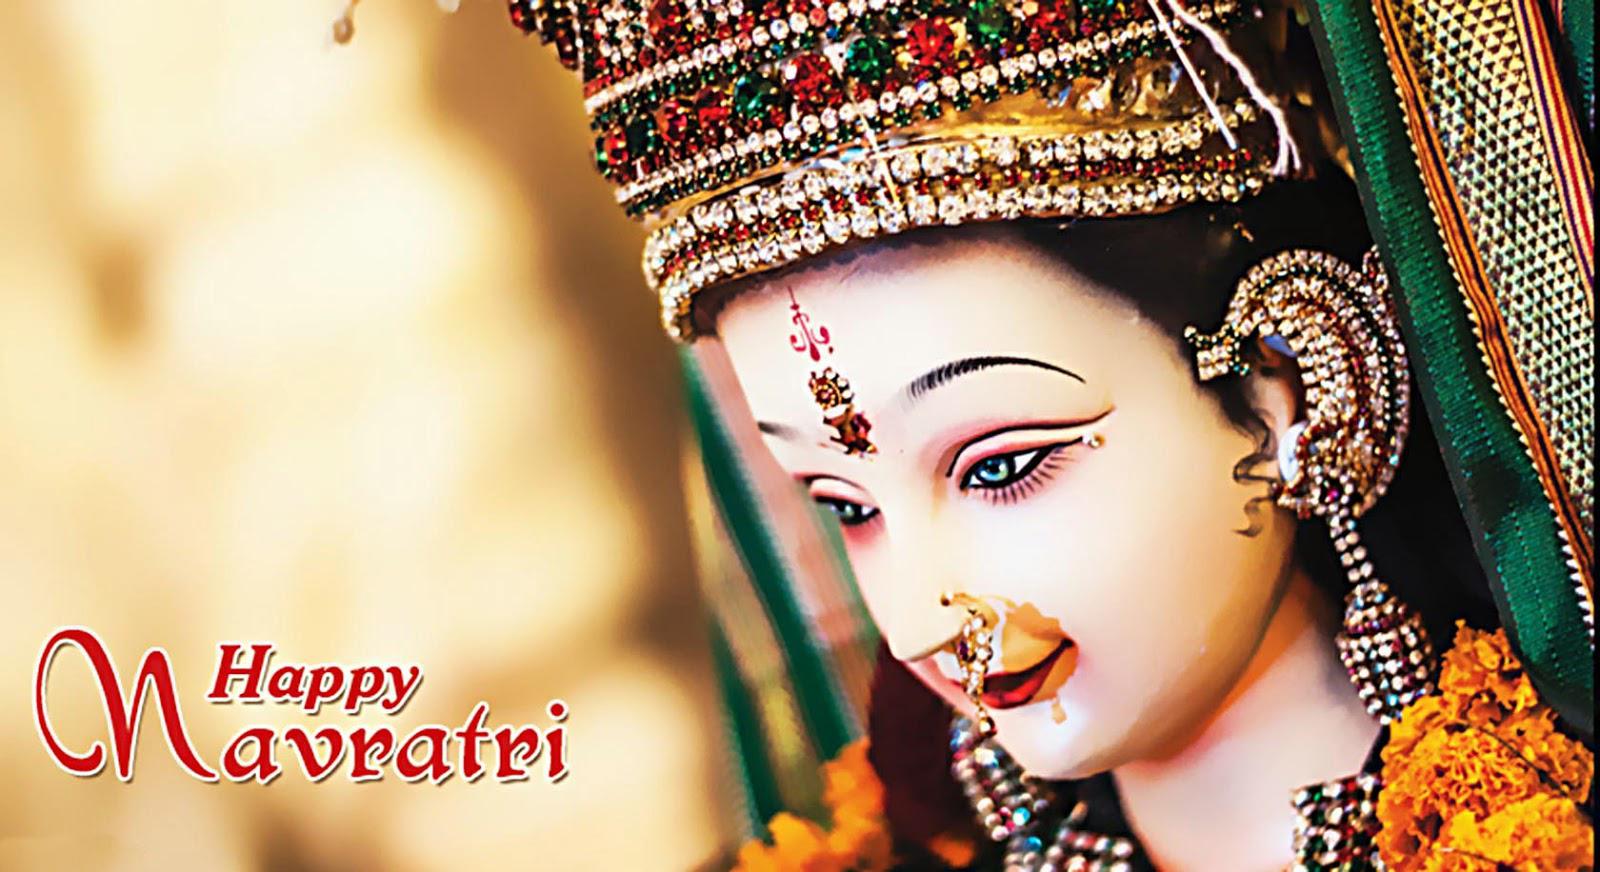 Mata Rani Wallpaper 3d Navratri Maa Durga Hd Images Wallpapers And Photos Free